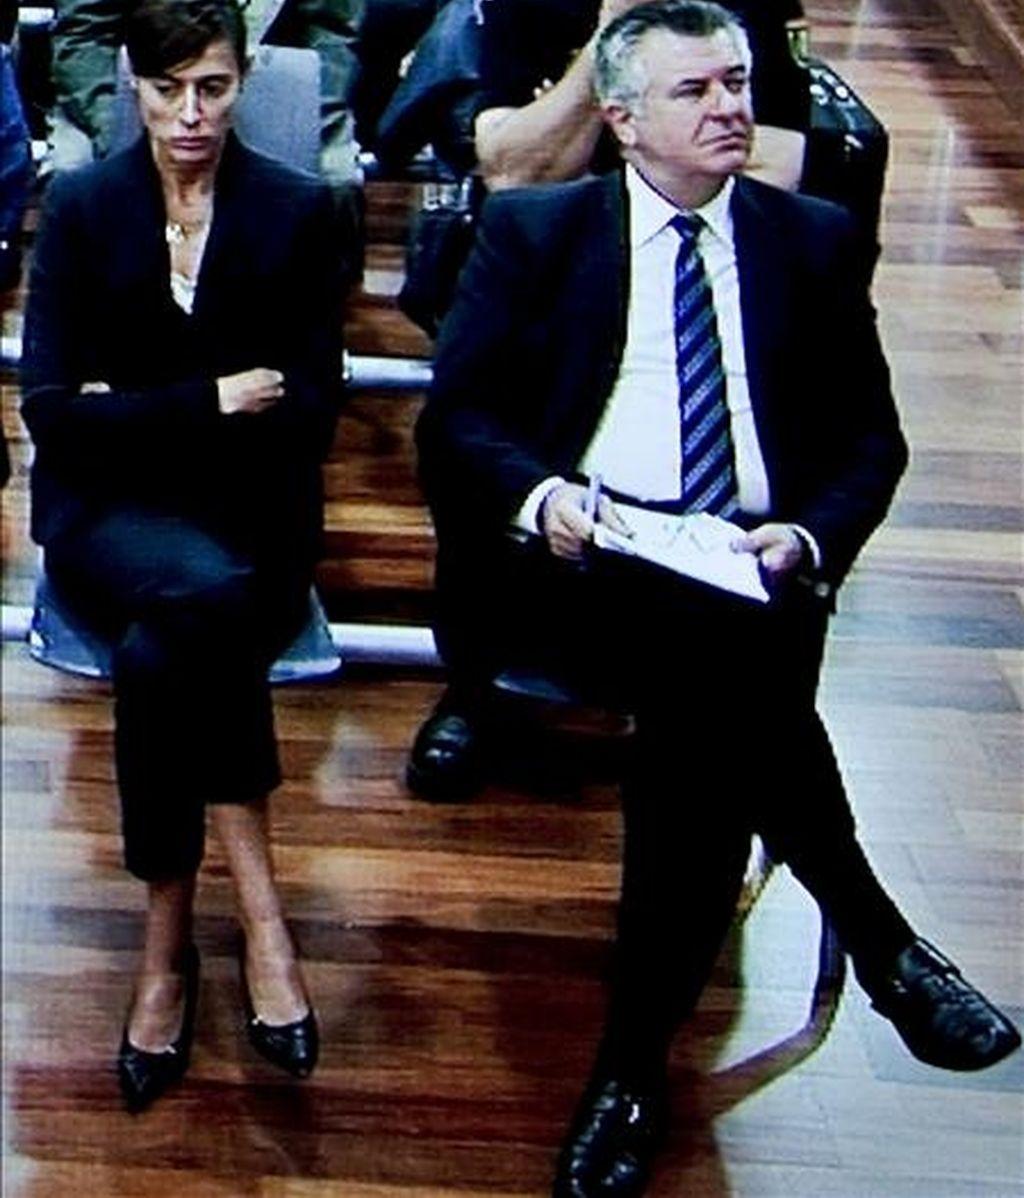 Imagen tomada de uno de los monitores de la sala de prensa de la Audiencia Provincial de Málaga, del banquillo de los acusados ocupado por el ex asesor de urbanismo del Ayuntamiento de Marbella Juan Antonio Roca y Monserrat Corullo, en la tercera sesión del juicio por el caso Malaya. EFE